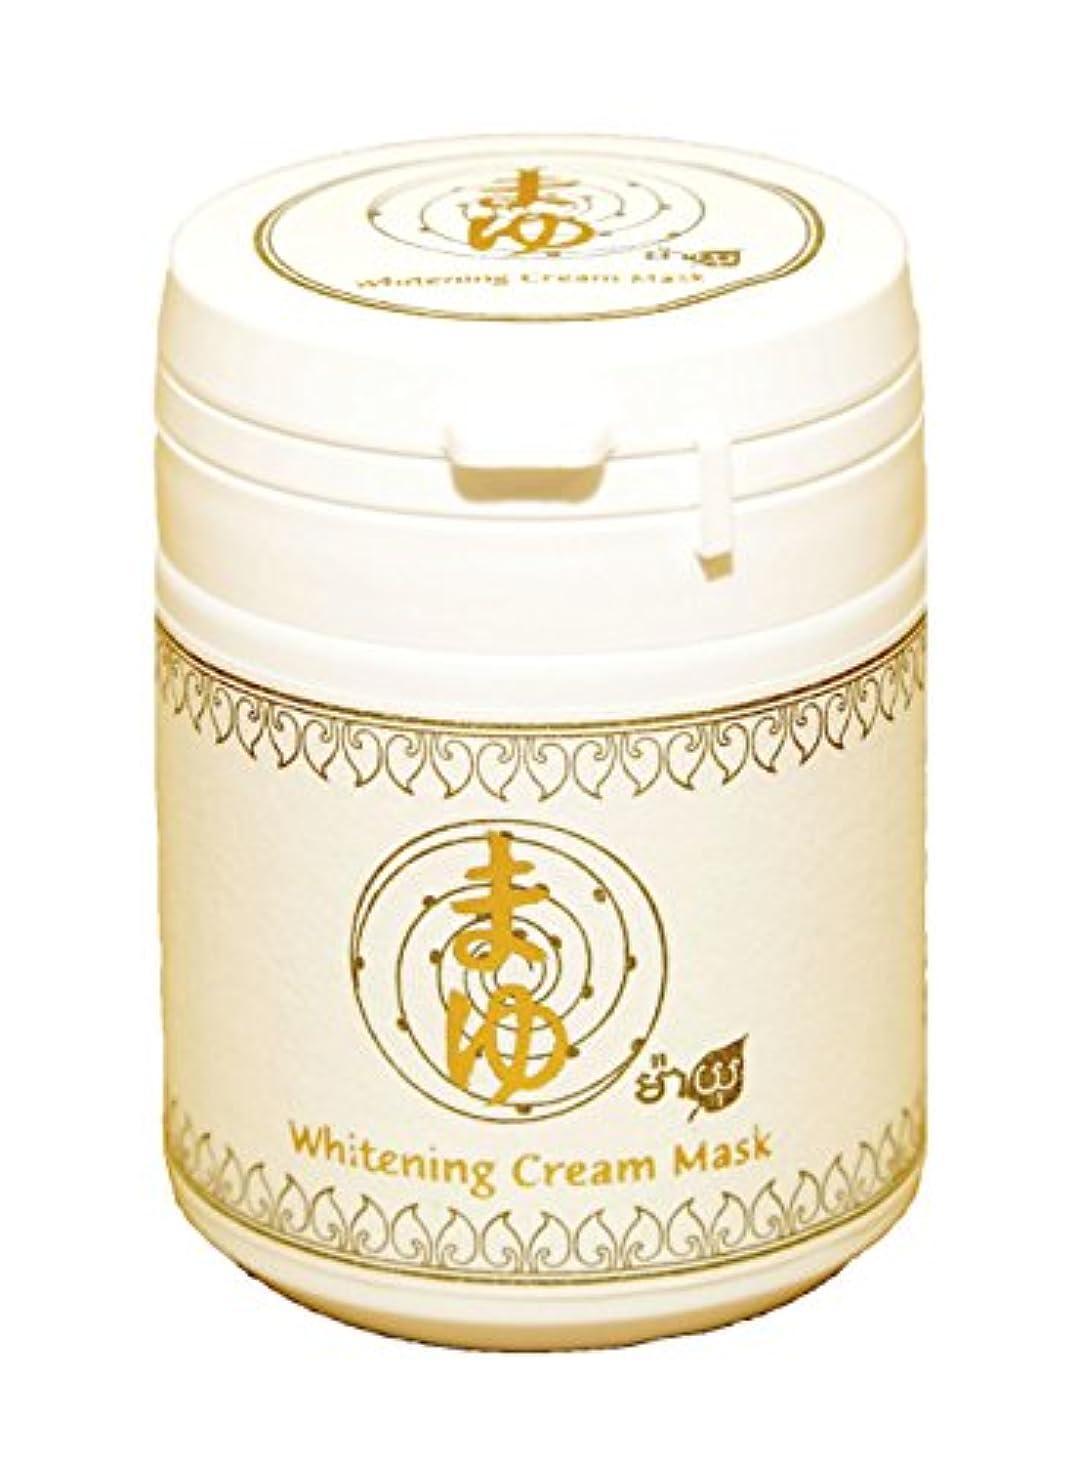 ソーダ水リム自由まゆwhitening Cream Mask